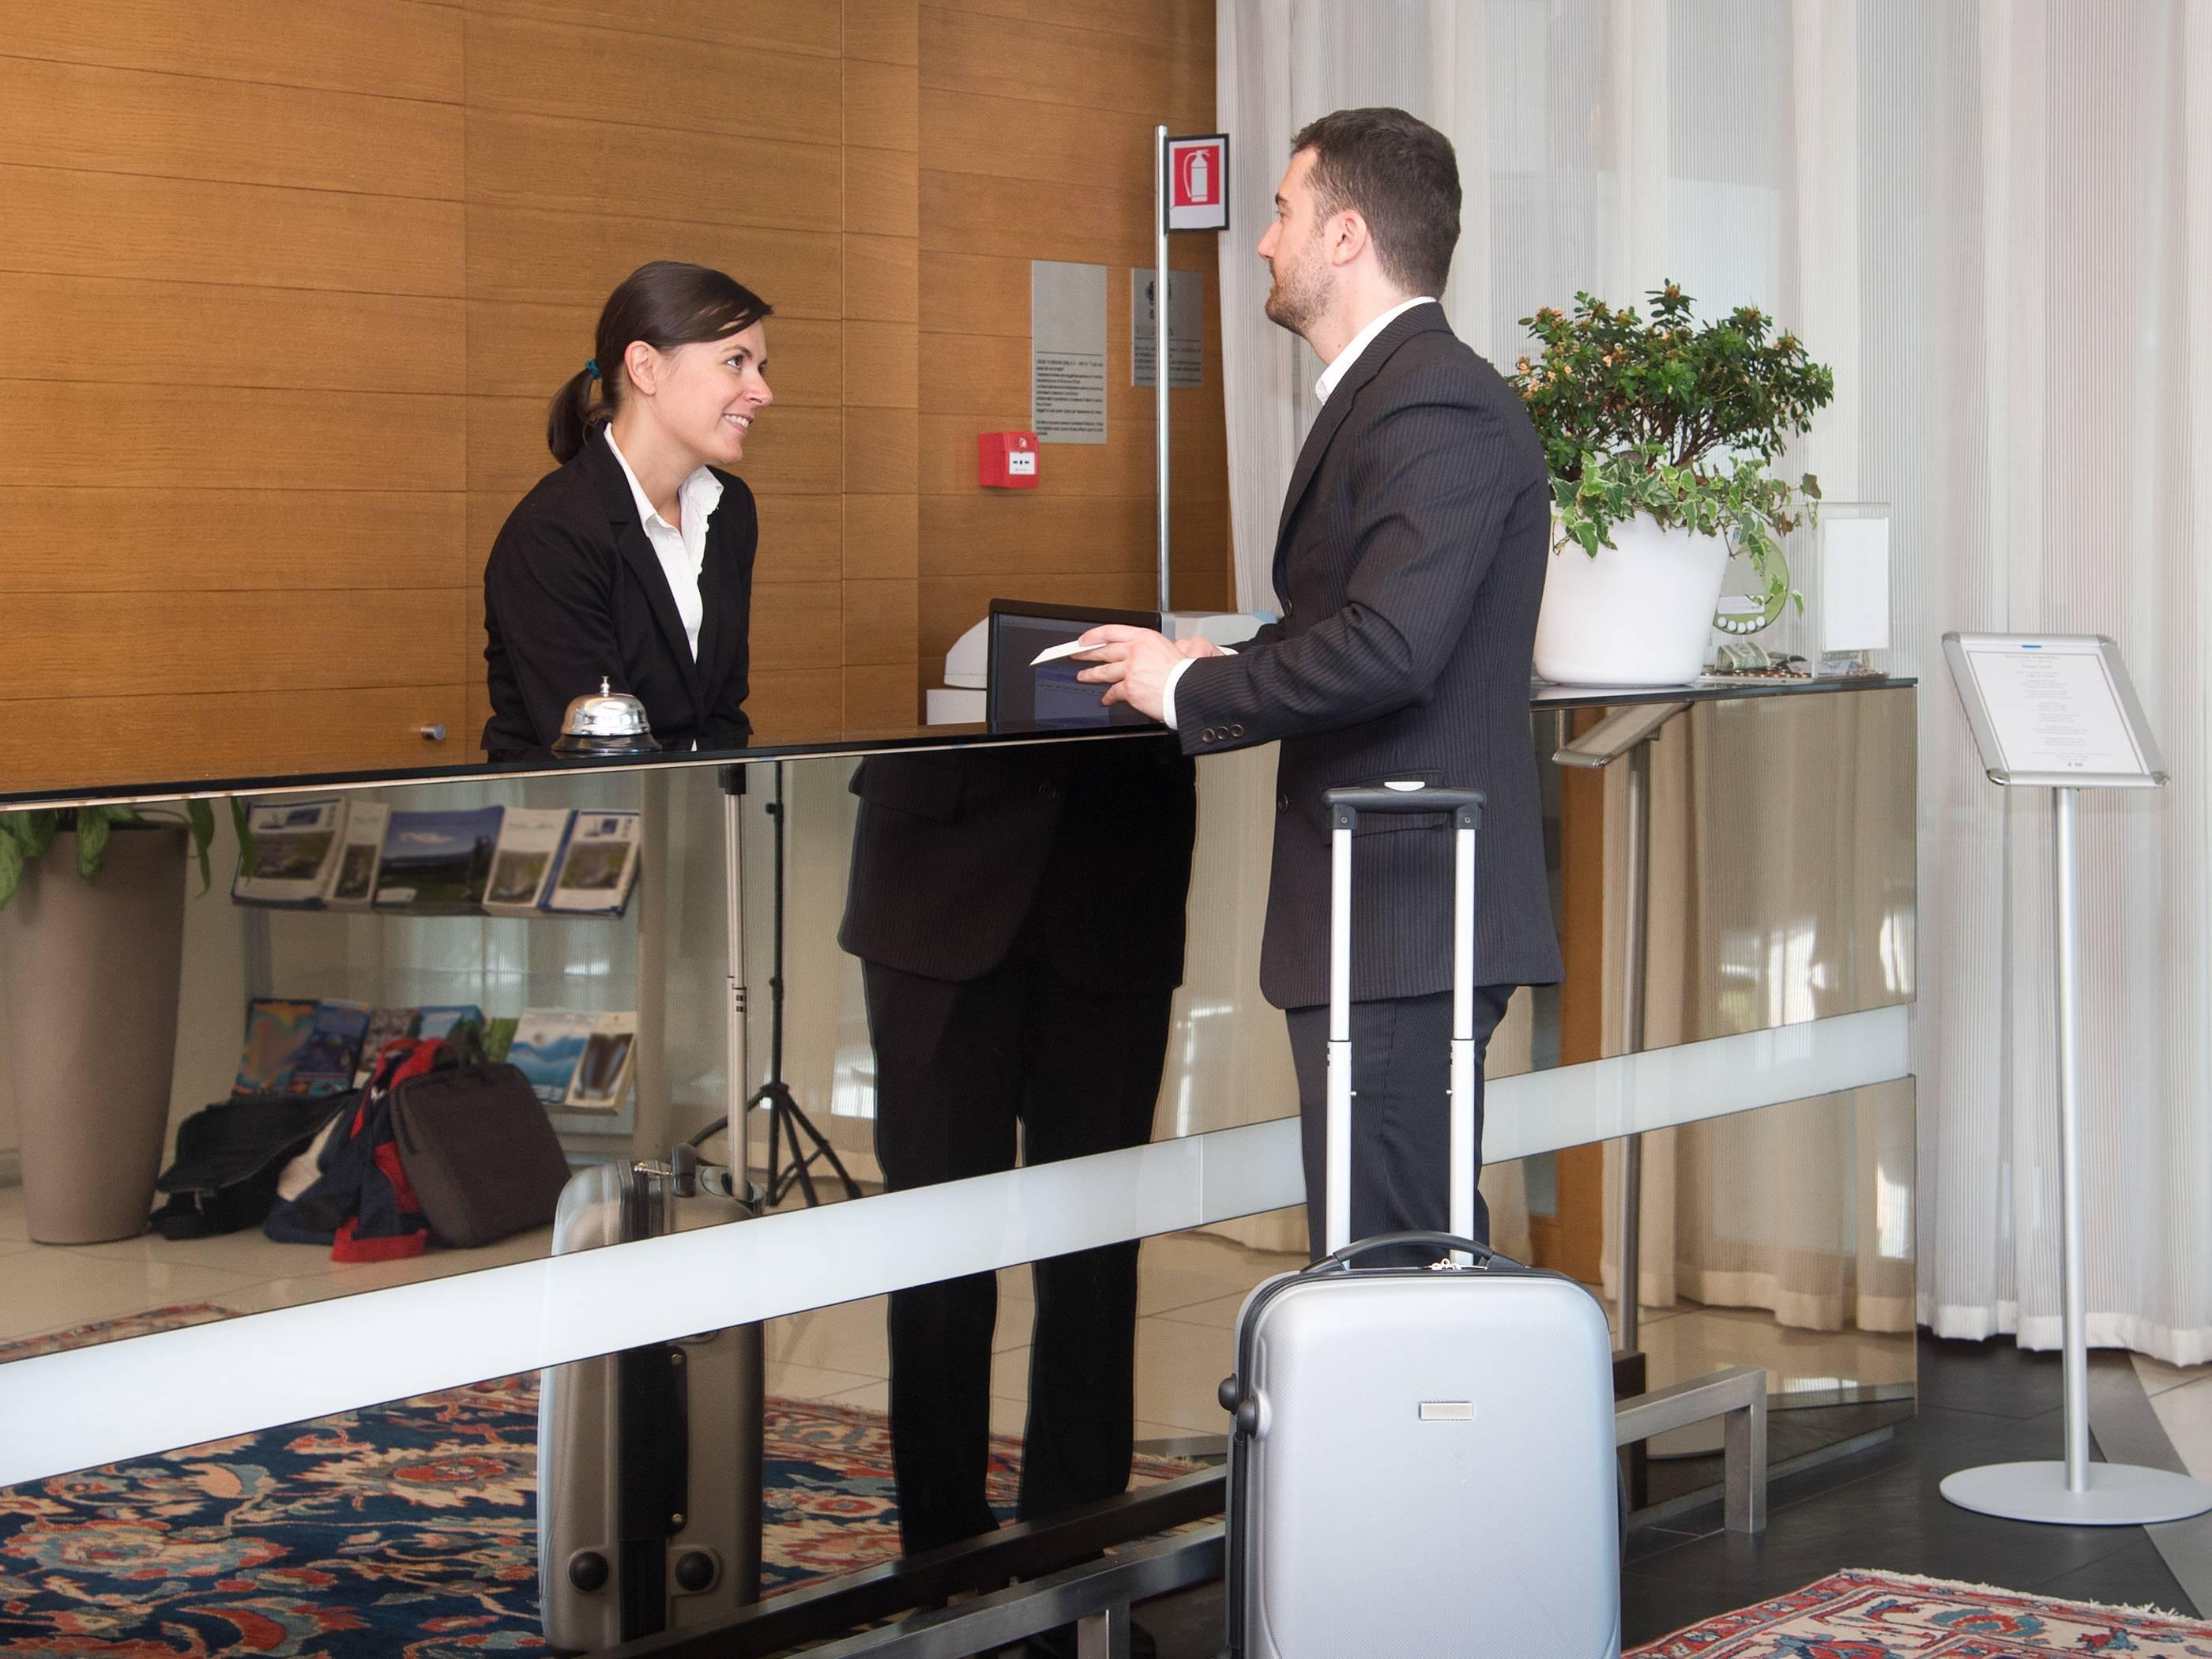 augmenter le taux de remplissage d'un hotel